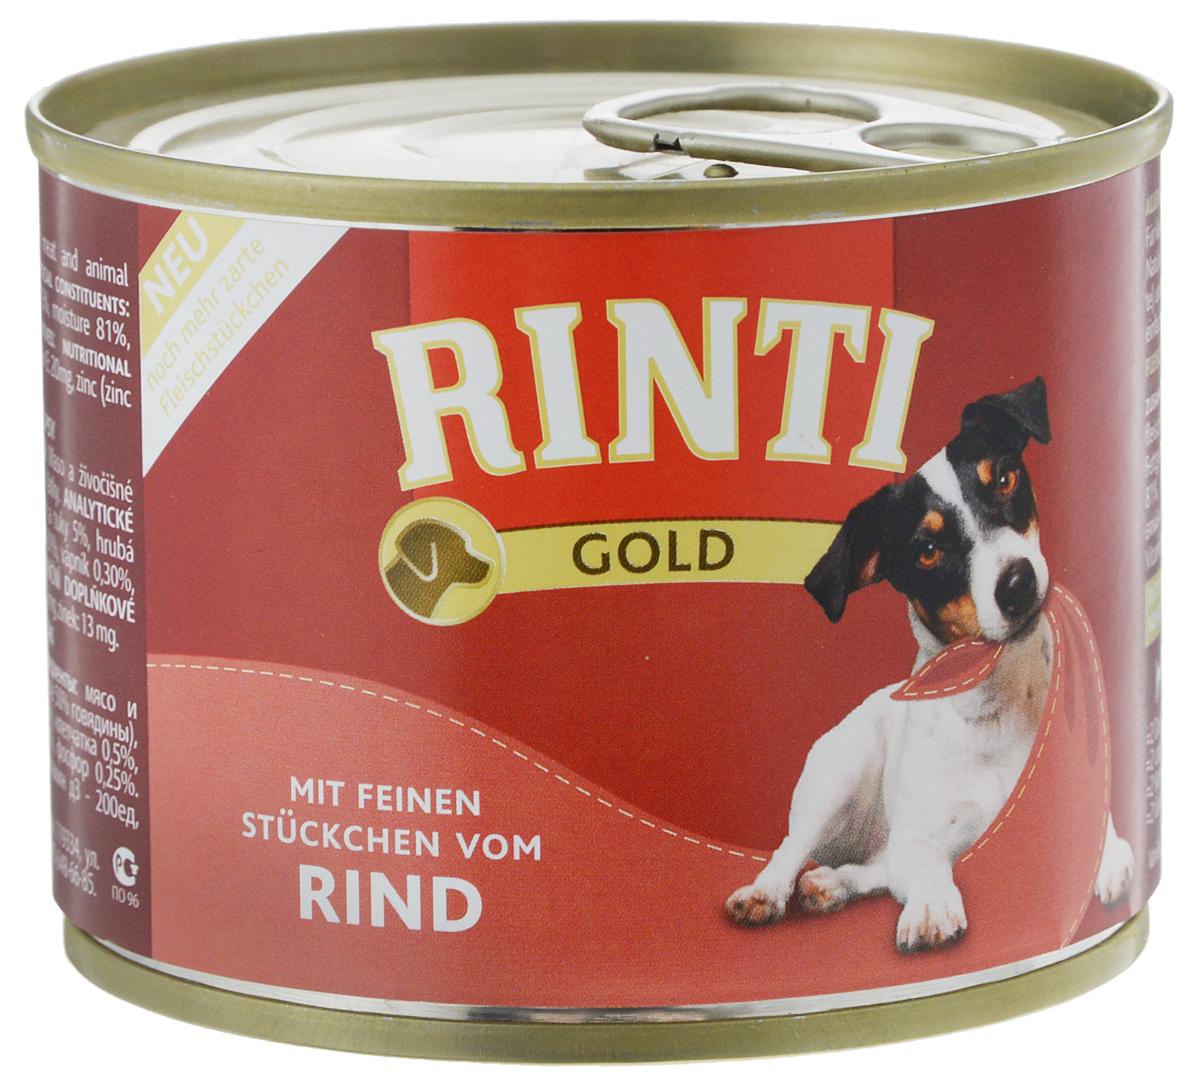 Консервы для собак Rinti Gold, c говядиной, 185 г40422Полноценный корм для собак Rinti Gold не содержитискусственного мяса, красителей и сои. Маленькаябаночка 185 грамм специально для собачек мелкихпород. Одна баночка на день. Корм не вызываеталлергии. Ингредиенты: мясо и продукты его переработки (в томчисле 50% говядины), минералы.Состав: белок 10%, жир 5%, клетчатка 0,5%, зола 2,5%,влага 81%, кальций 0,3%,фосфор 0,25%.Добавки: пищевые добавки / кг: Витамин Д3 - 200 ед,Витамин Е - 20 мг, цинк 13 мг.Товар сертифицирован.